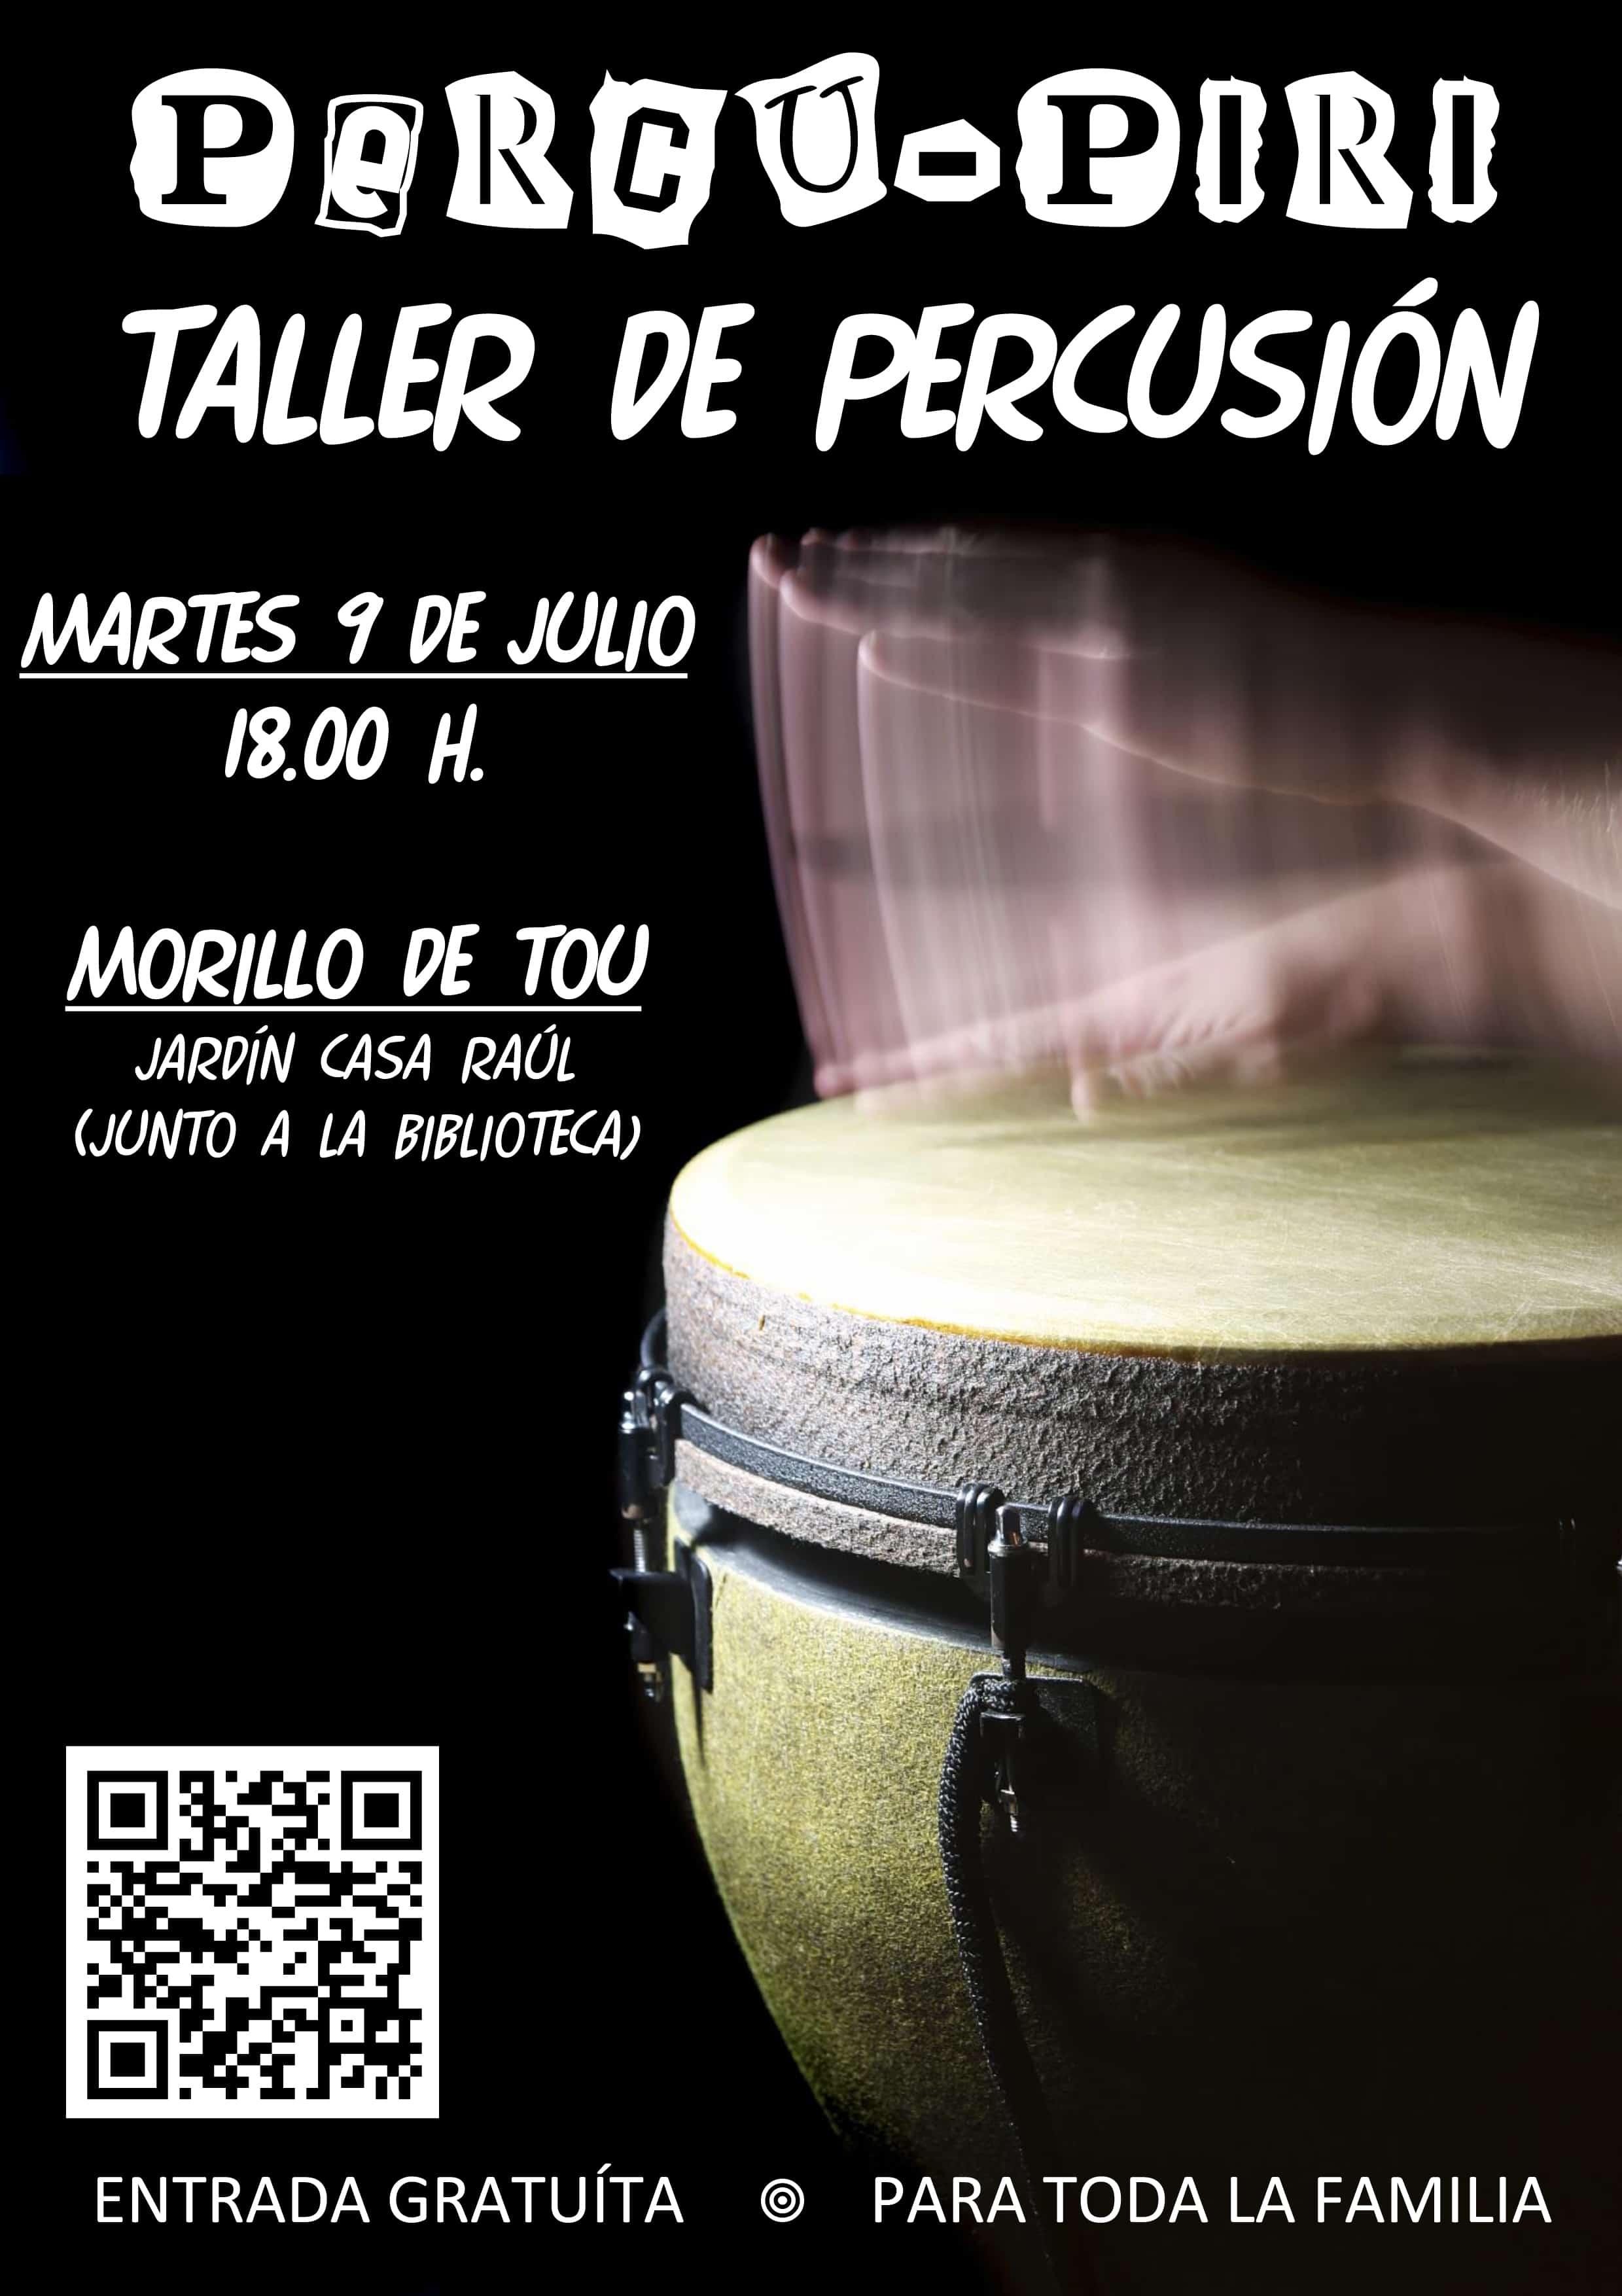 taller_de_percusion_percu_piri_bidi_copiar.jpg